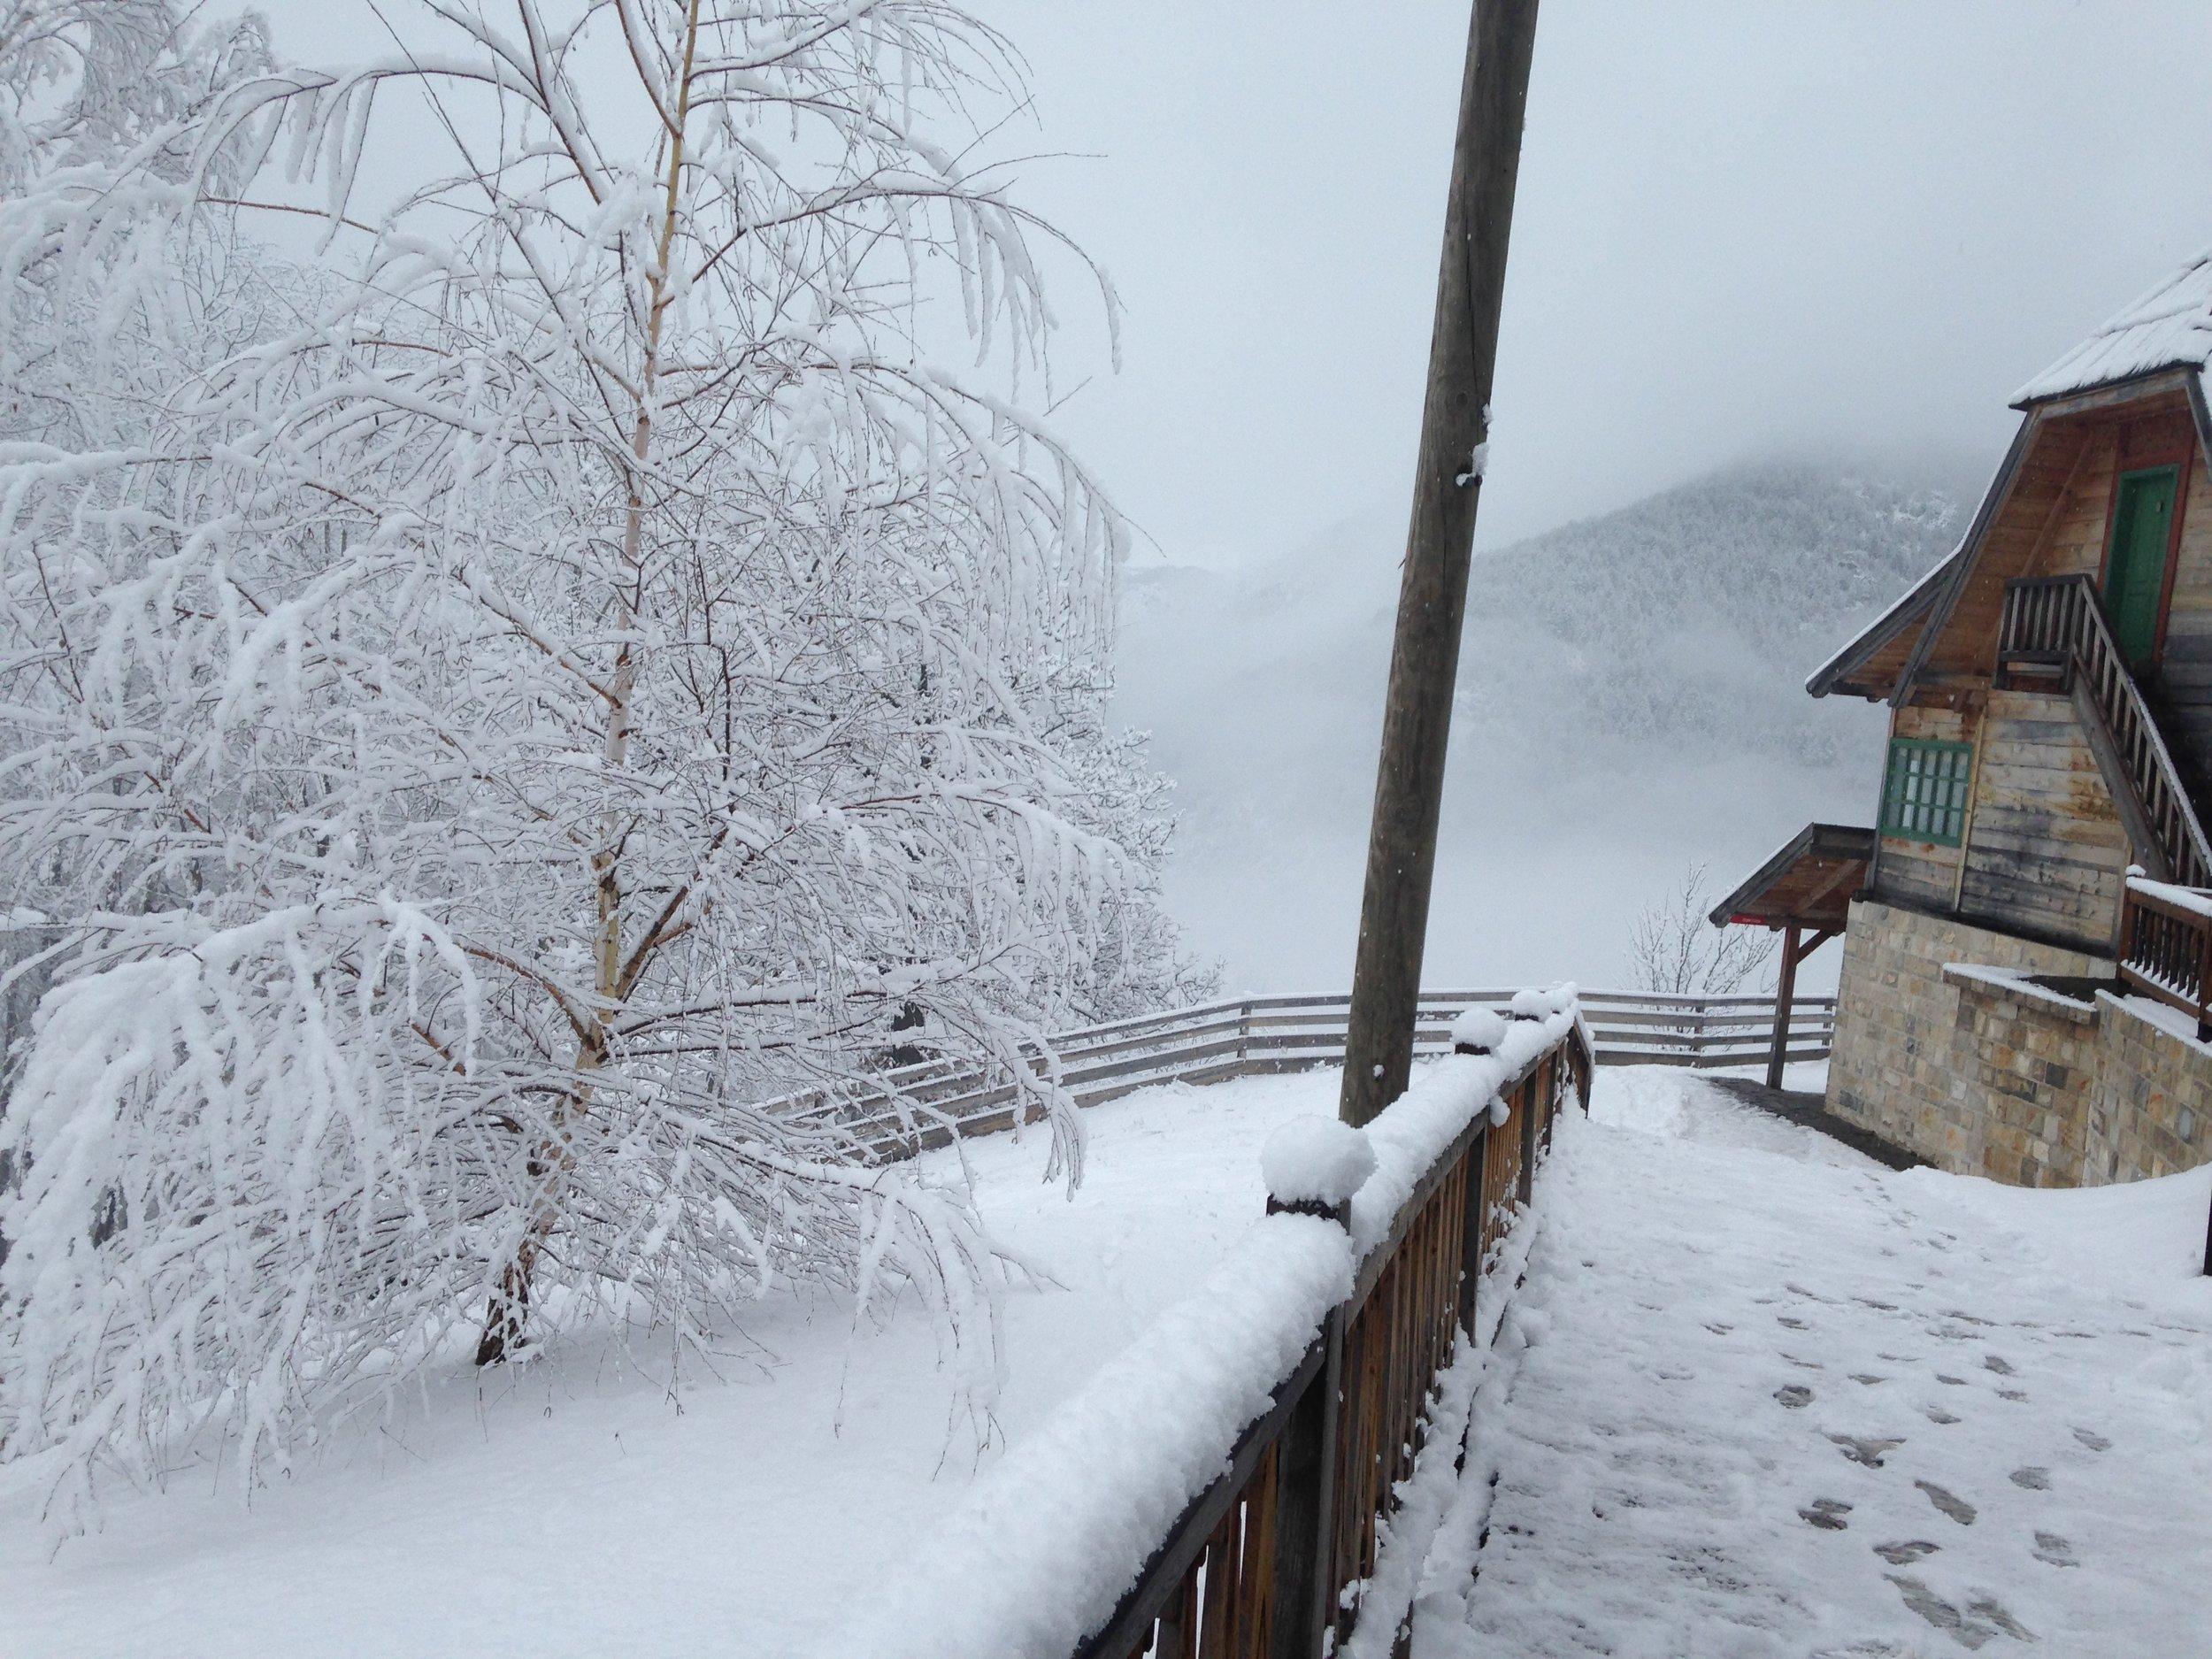 Küstendorf, winter 2018.